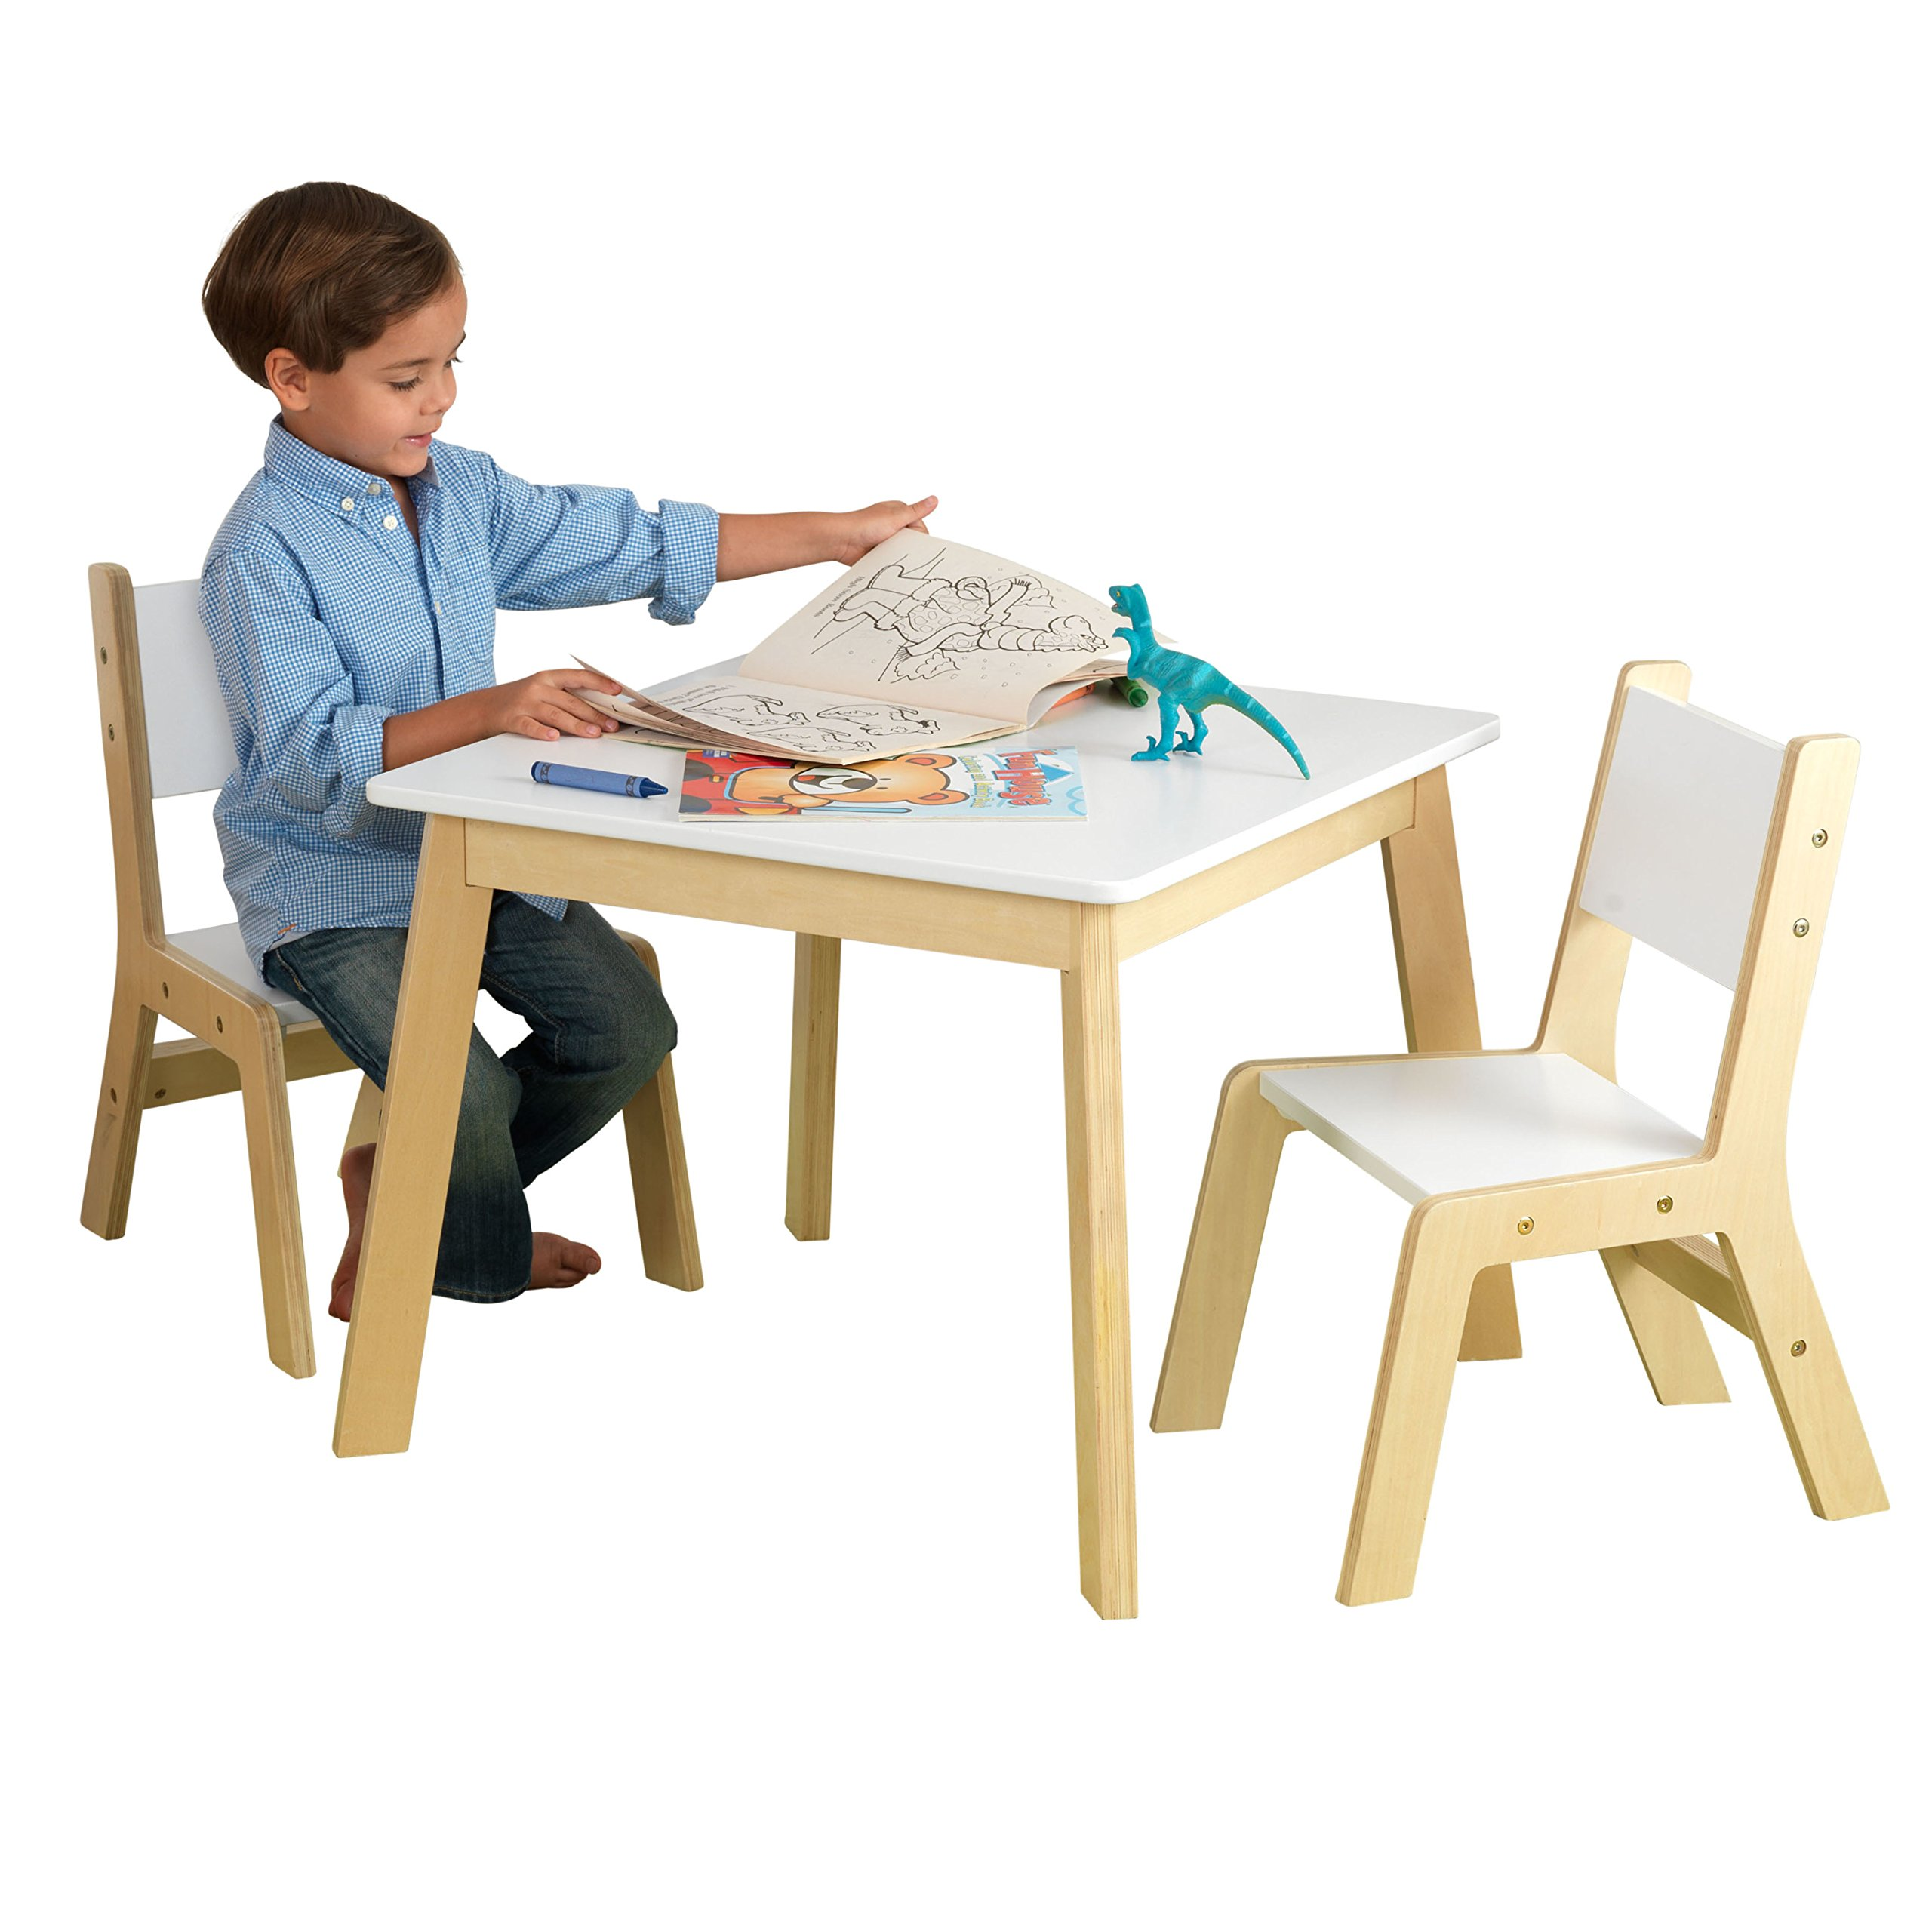 KidKraft 27025 Set Tavolo con 2 Sedie Moderni in Legno, Mobili per Camera  da Letto e Sala Giochi per Bambini - Bianco